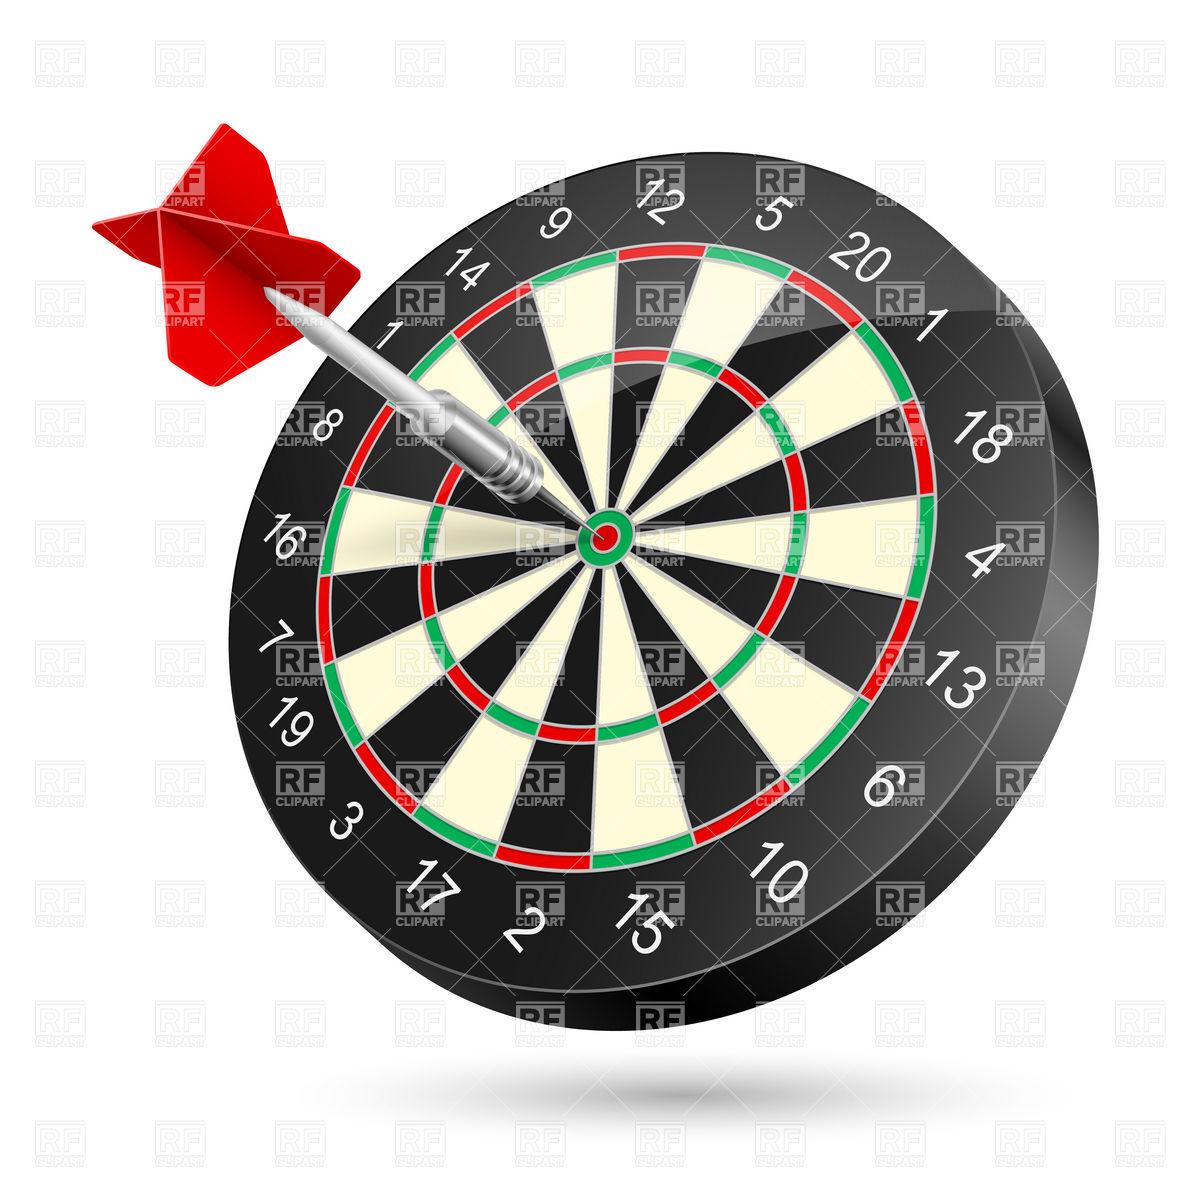 Dartboard with darts Vector Image #75614.